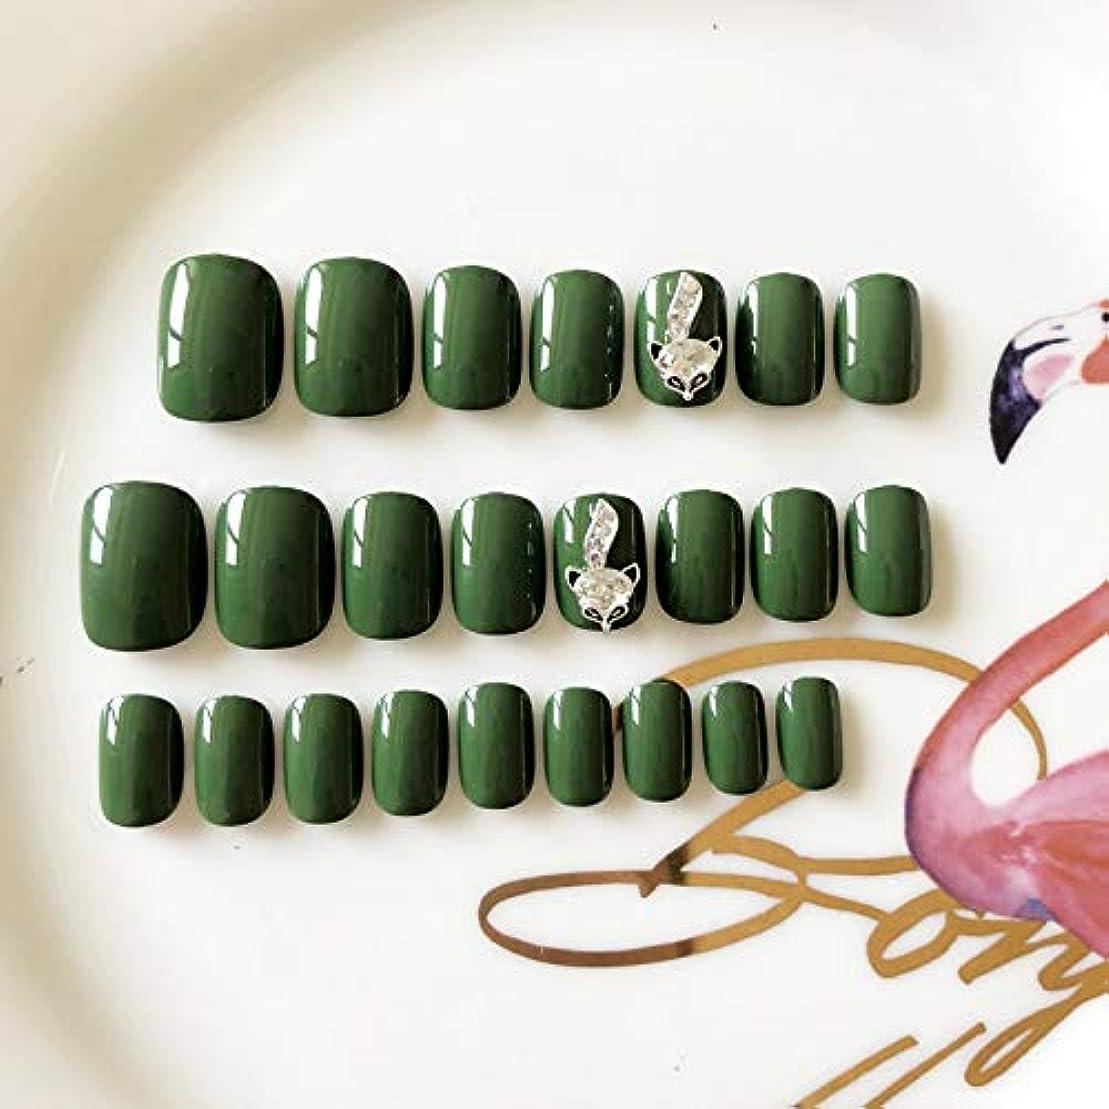 ランクペイント食事を調理するXUANHU HOME 24pcs夏の人工偽爪ダークグリーンスクエアアクリルフルカバーミディアムロングフェイクネイルのヒント